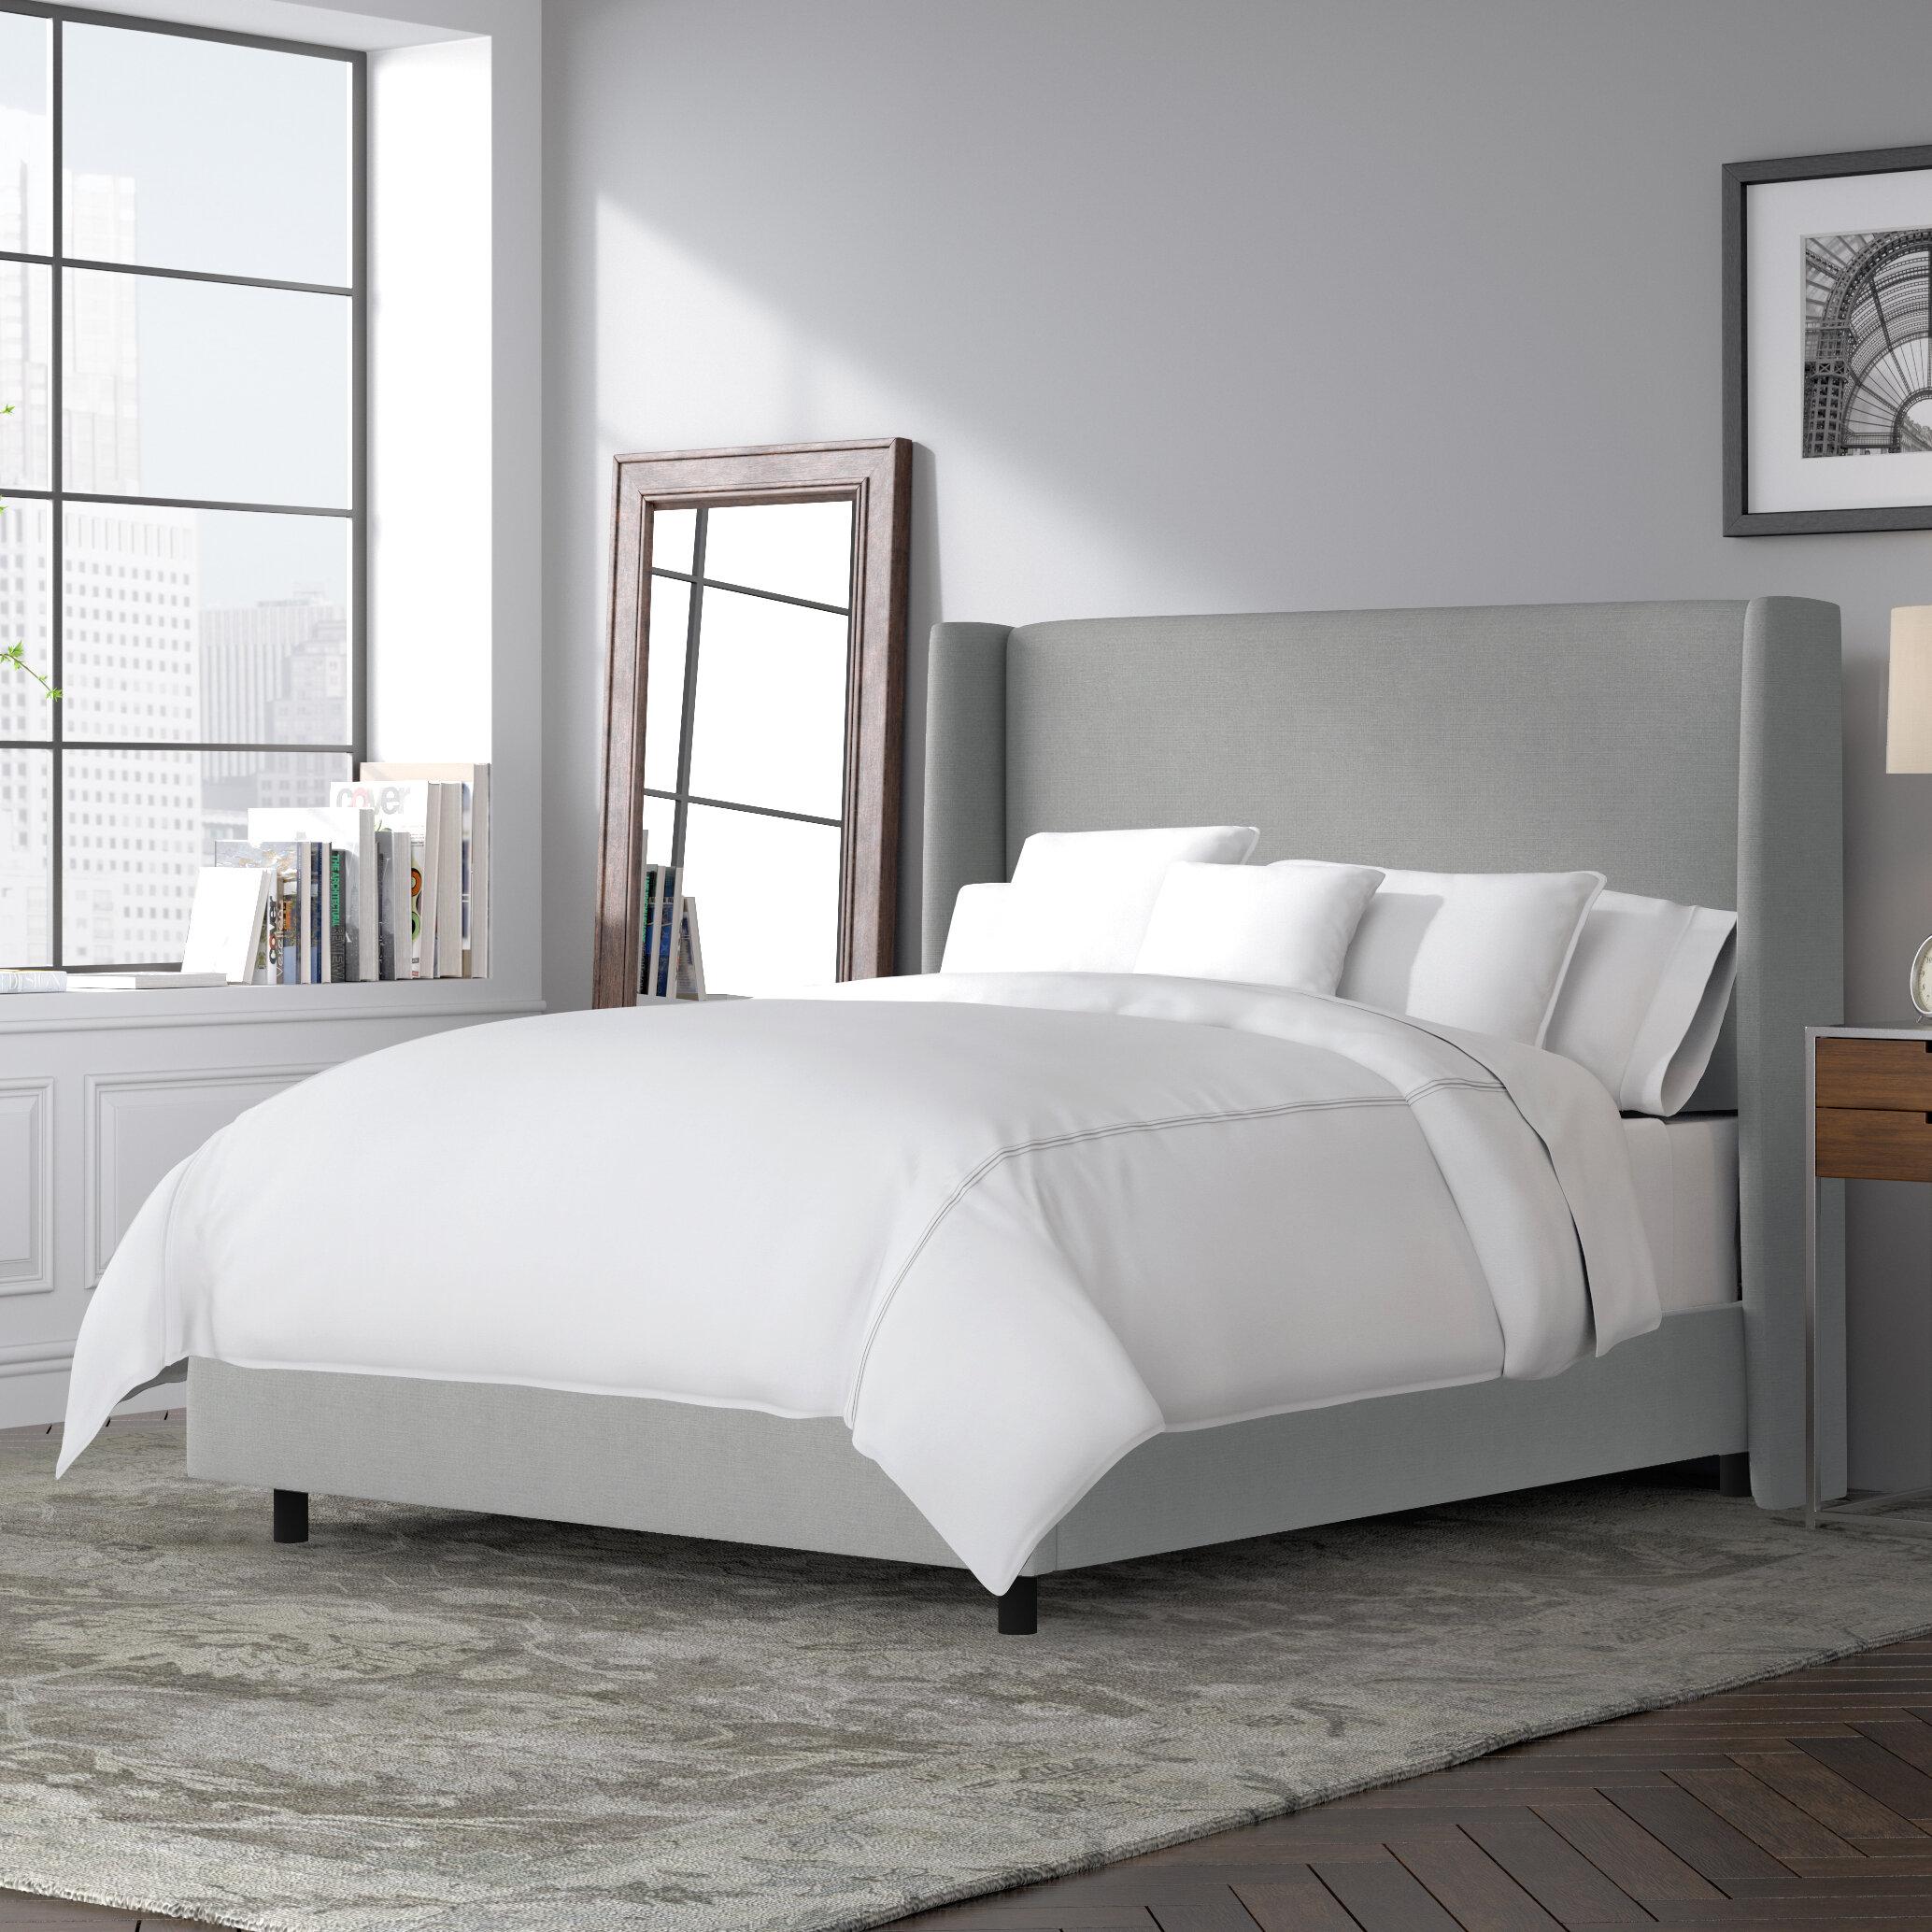 Joss Main Alrai Upholstered Low Profile Standard Bed Reviews Wayfair